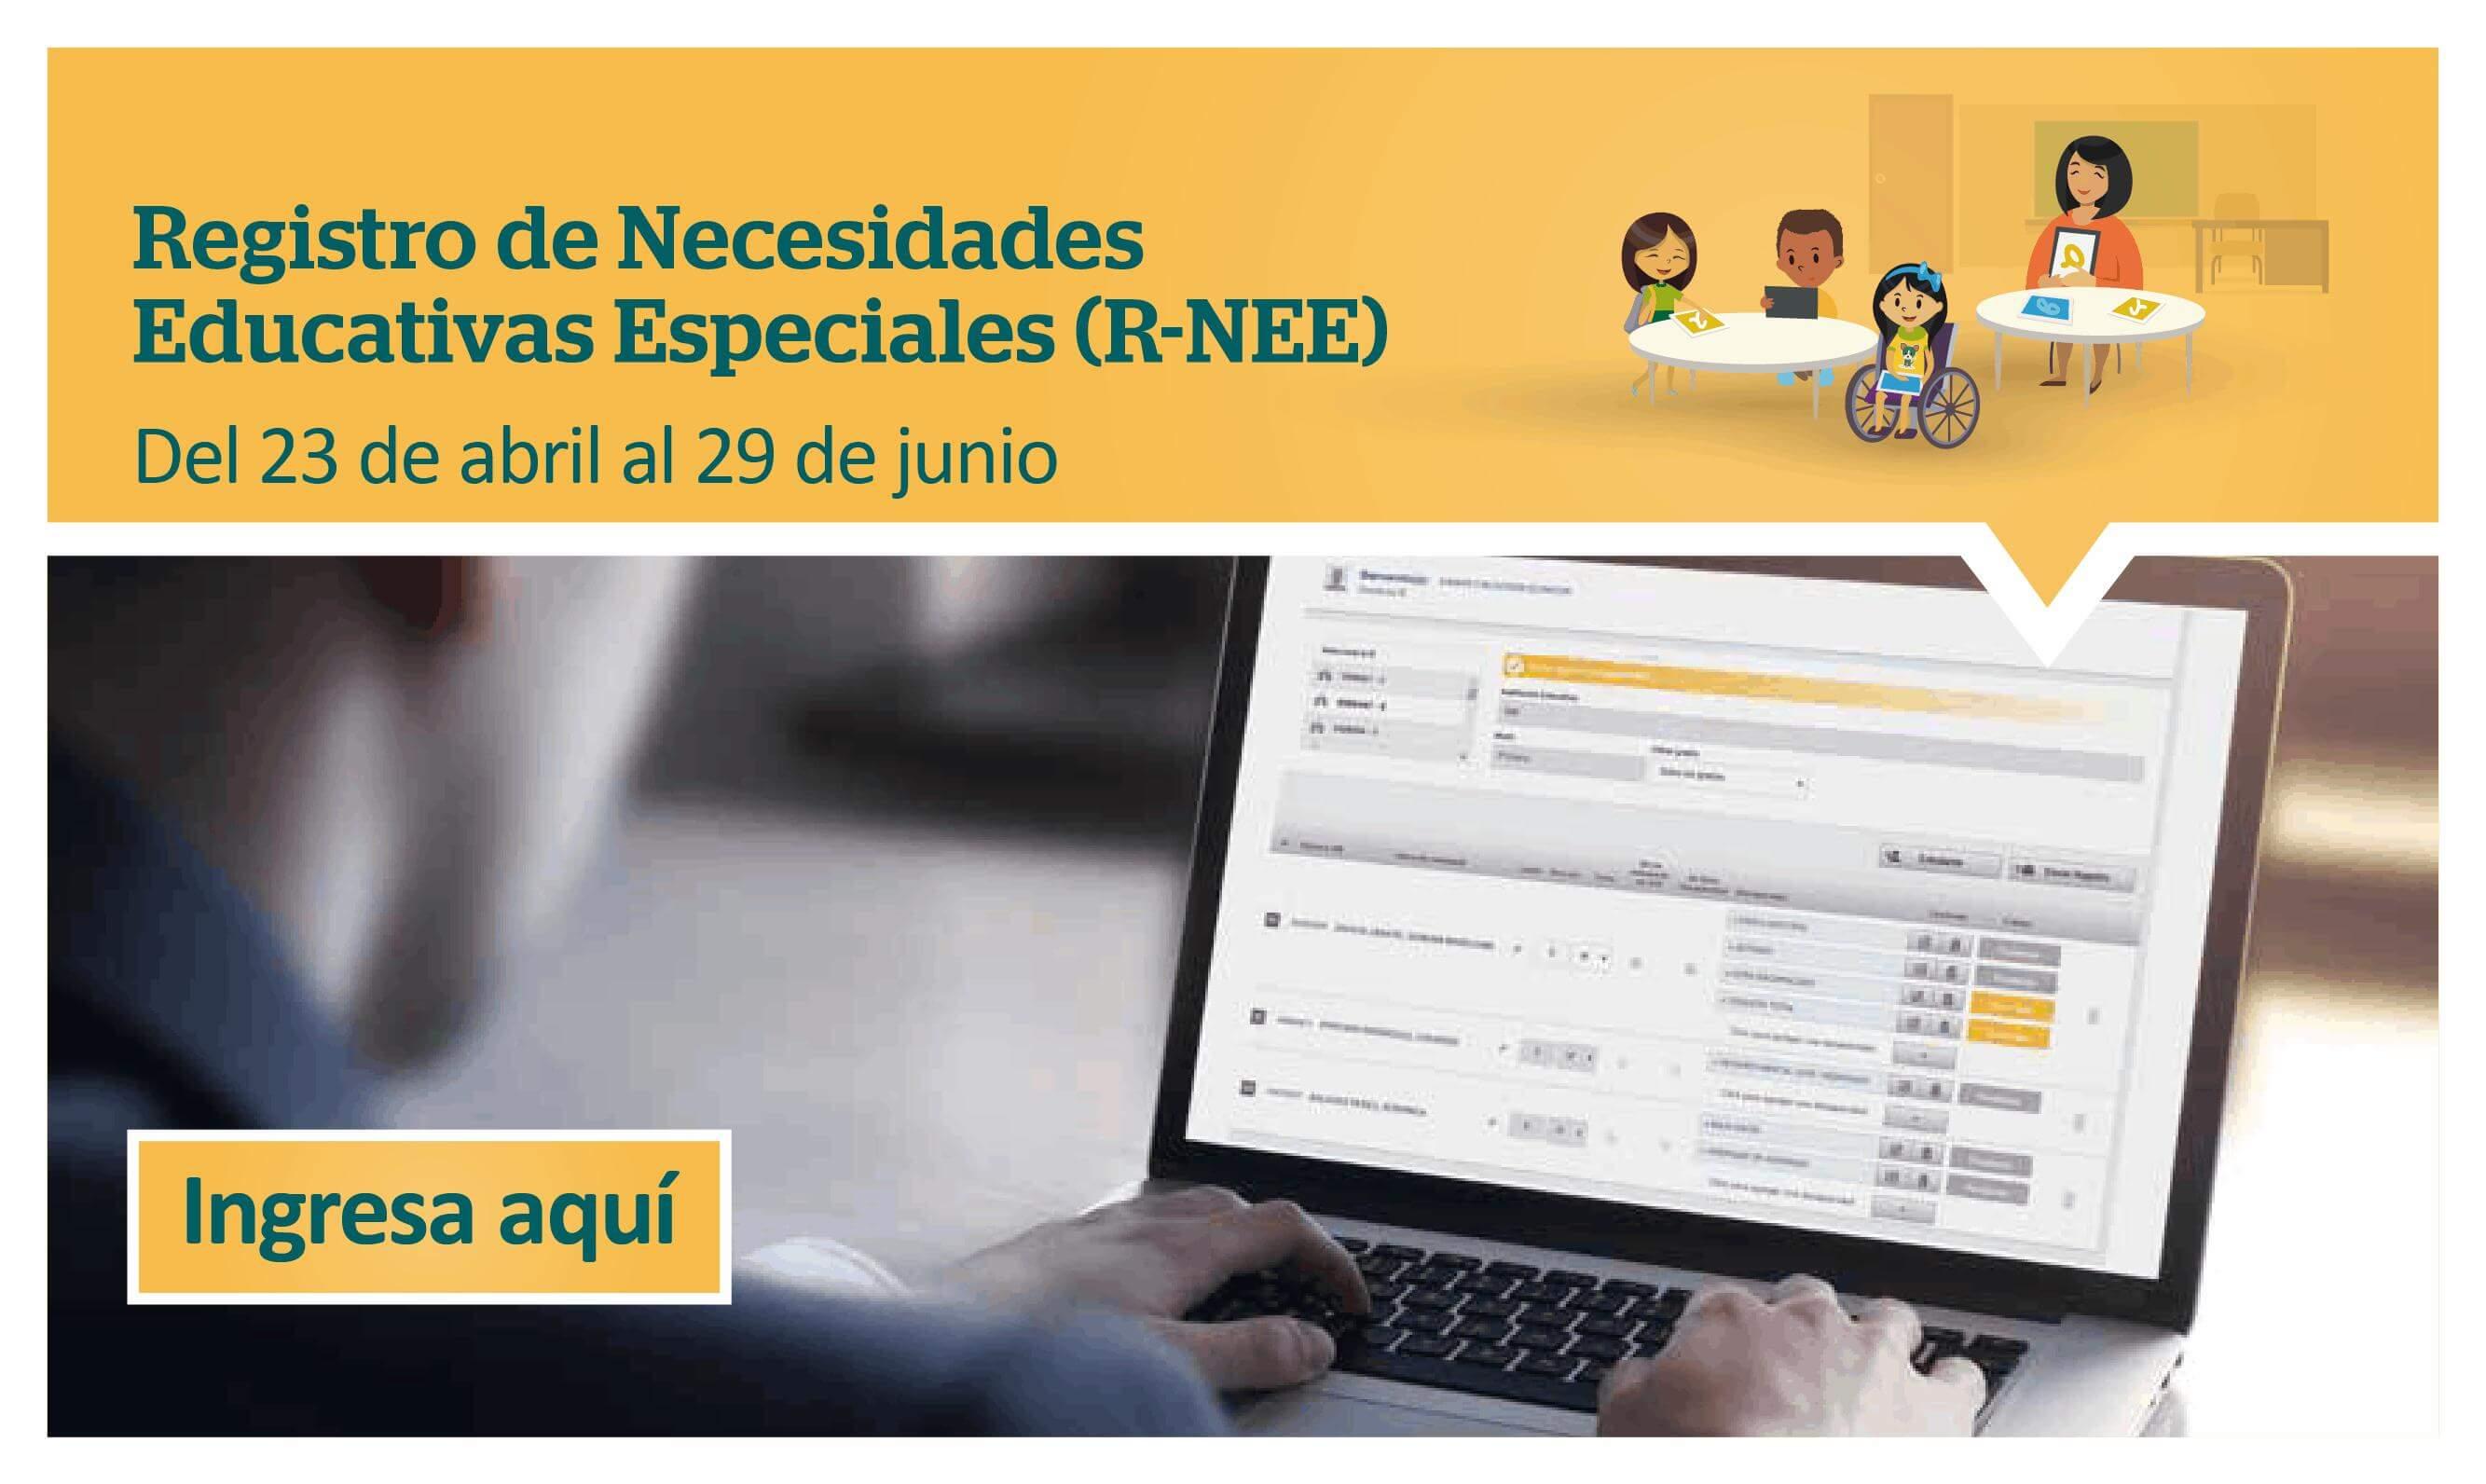 ACCIONES DE ACONDICIONAMIENTO PARA LA ACCESIBILIDAD DE PERSONAS CON NECESIDAD EDUCATIVA ESPECIAL